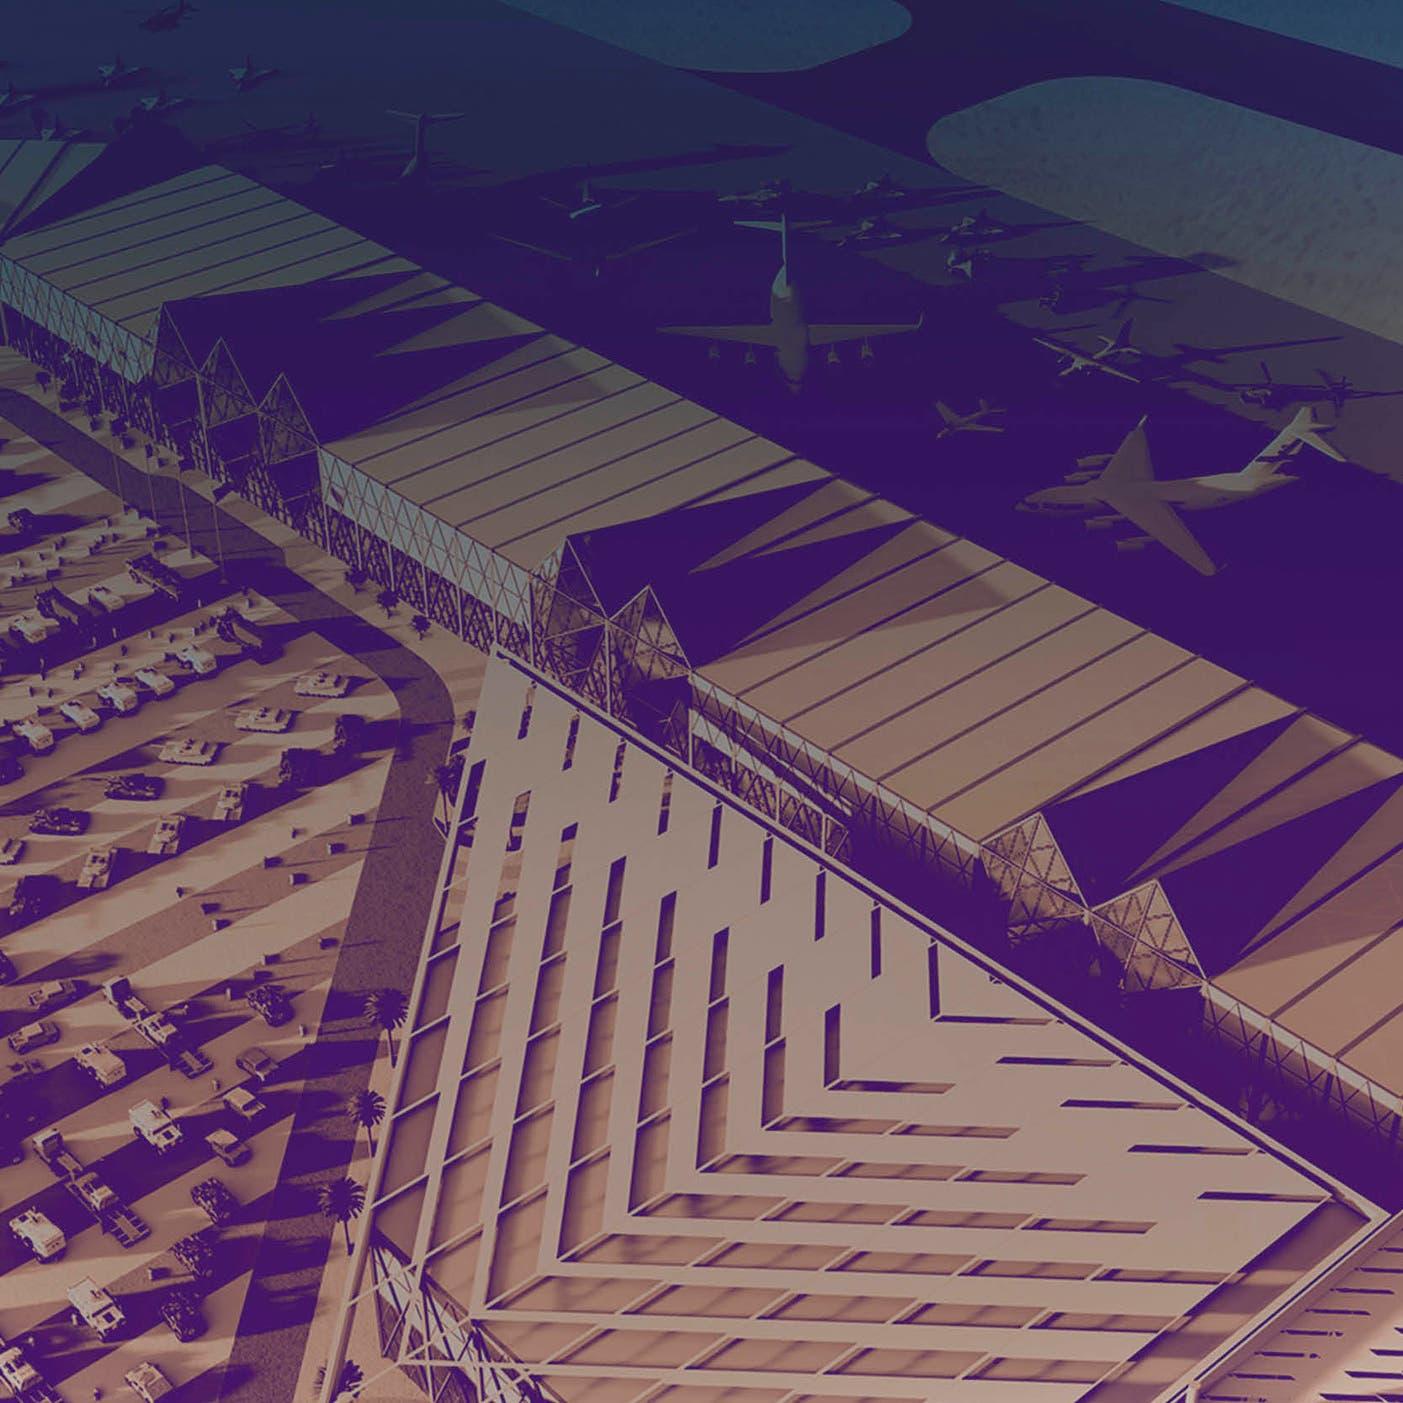 معرض الدفاع العالمي يبدأ المرحلة الثانية لبناء مقره الرئيسي بالسعودية